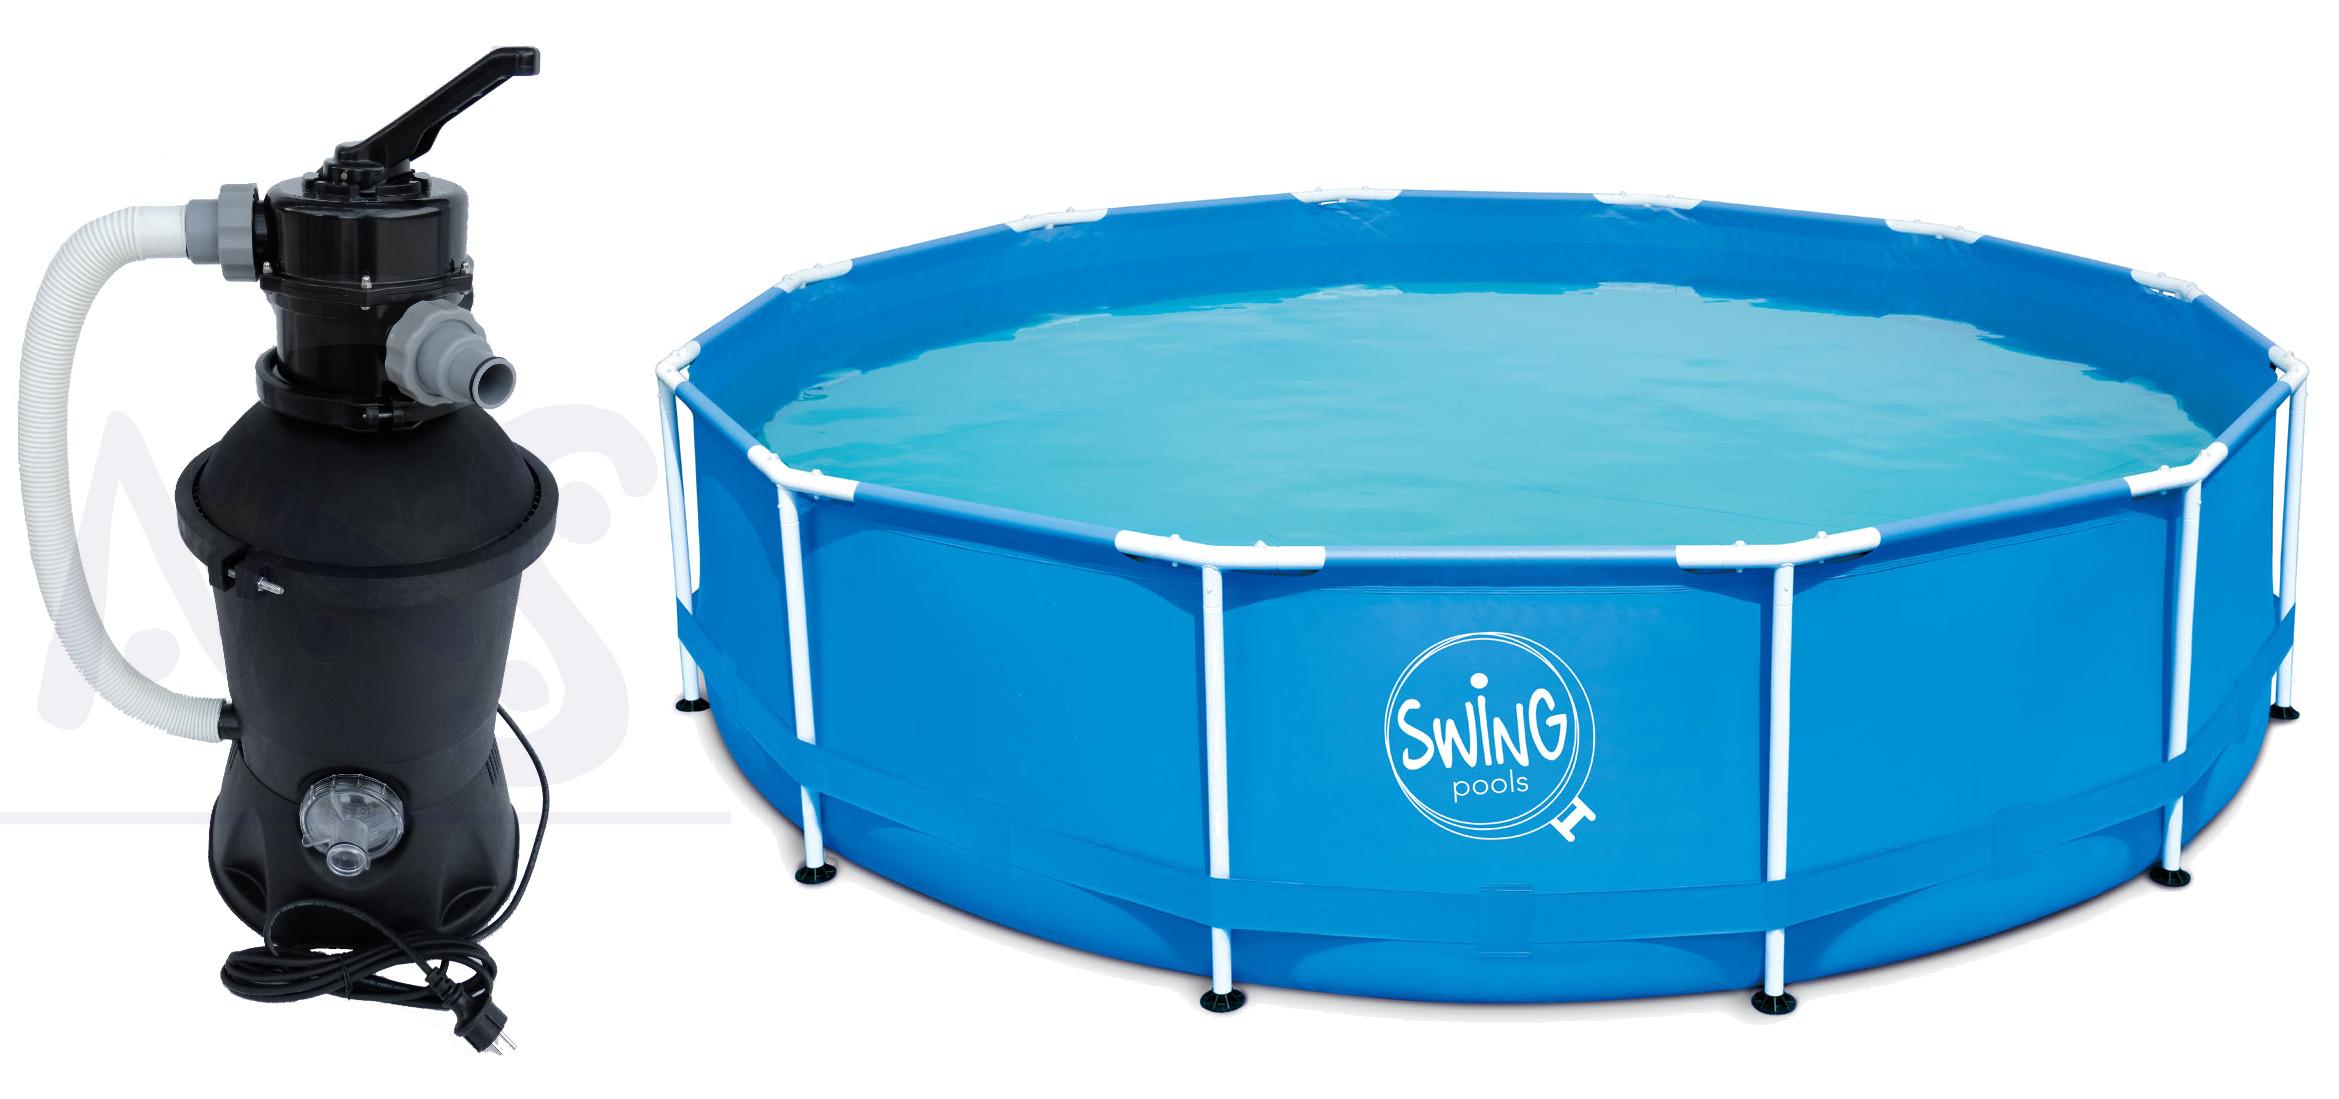 Swing frame metal pool 366 x 84 cm mit sandfilter quick for Garten pool mit sandfilter